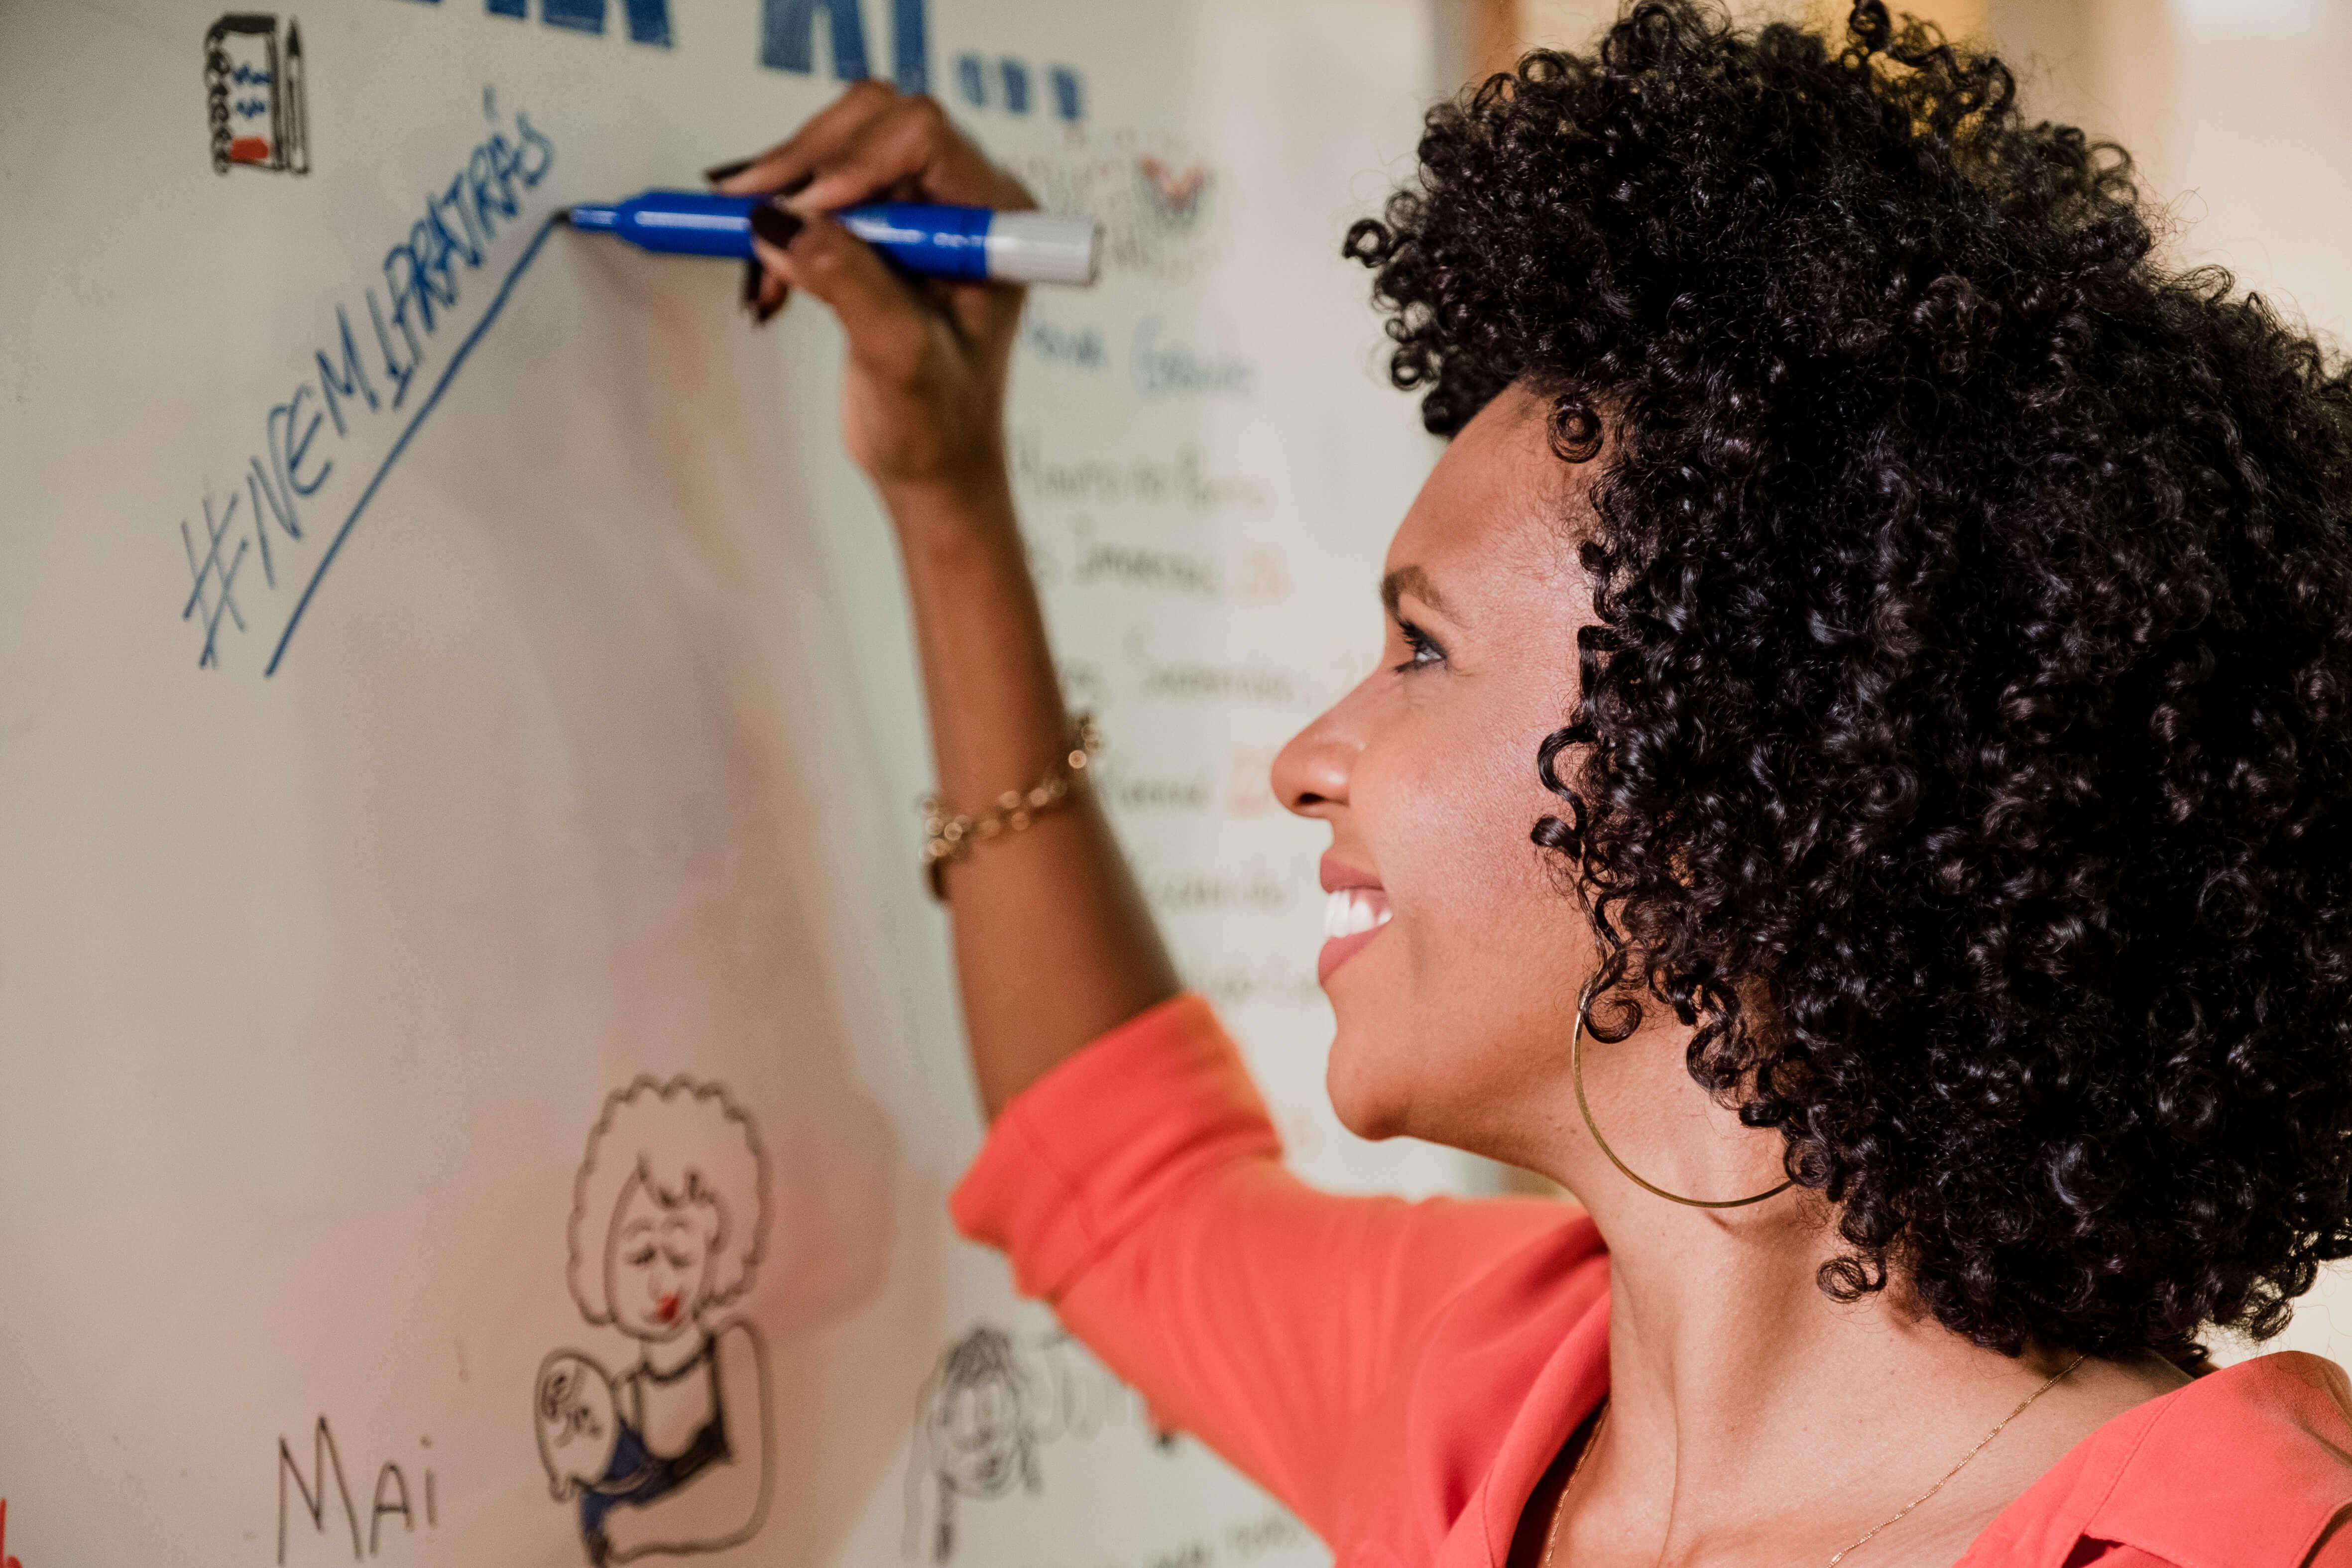 Jornalista negra Luciana Barreto sorri para quadro branco enquanto escreve no Nem1Pratrás